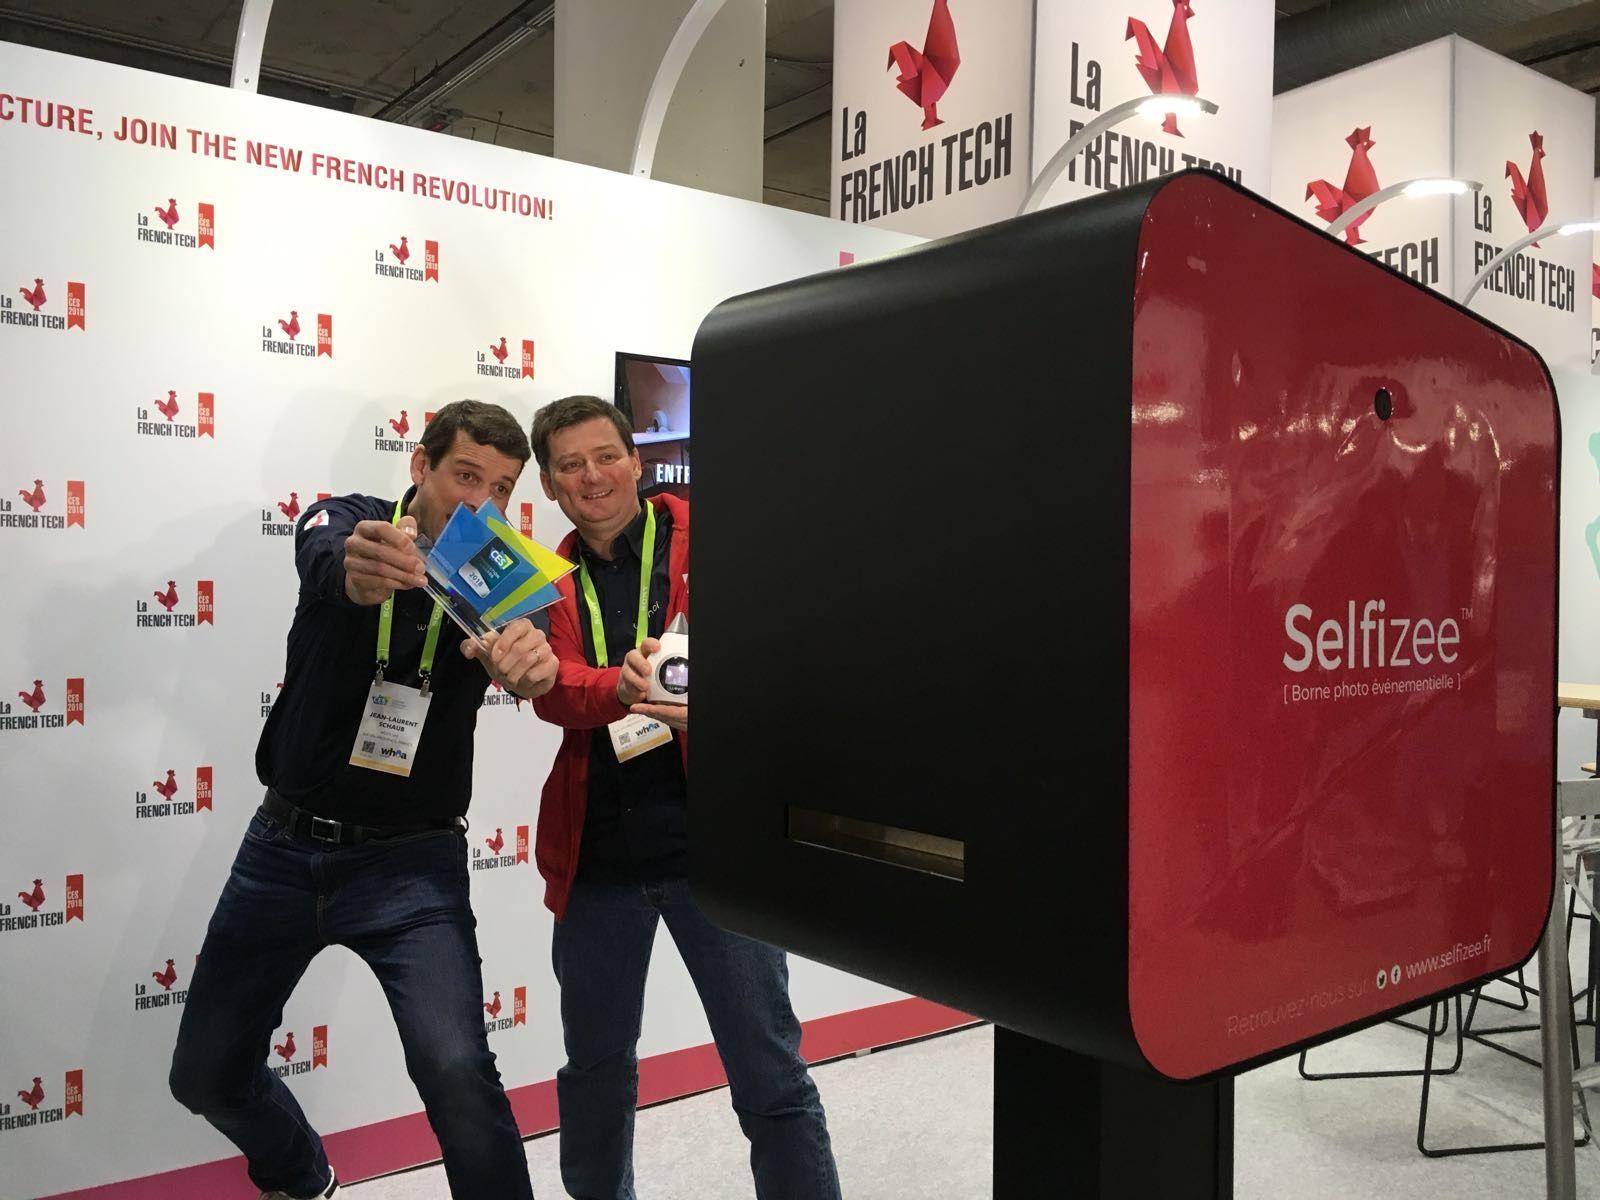 Animation borne photo au stand de La French Tech au CES 2018 de Las Vegas - selfies personnalisés au salon de l'innovation technologique